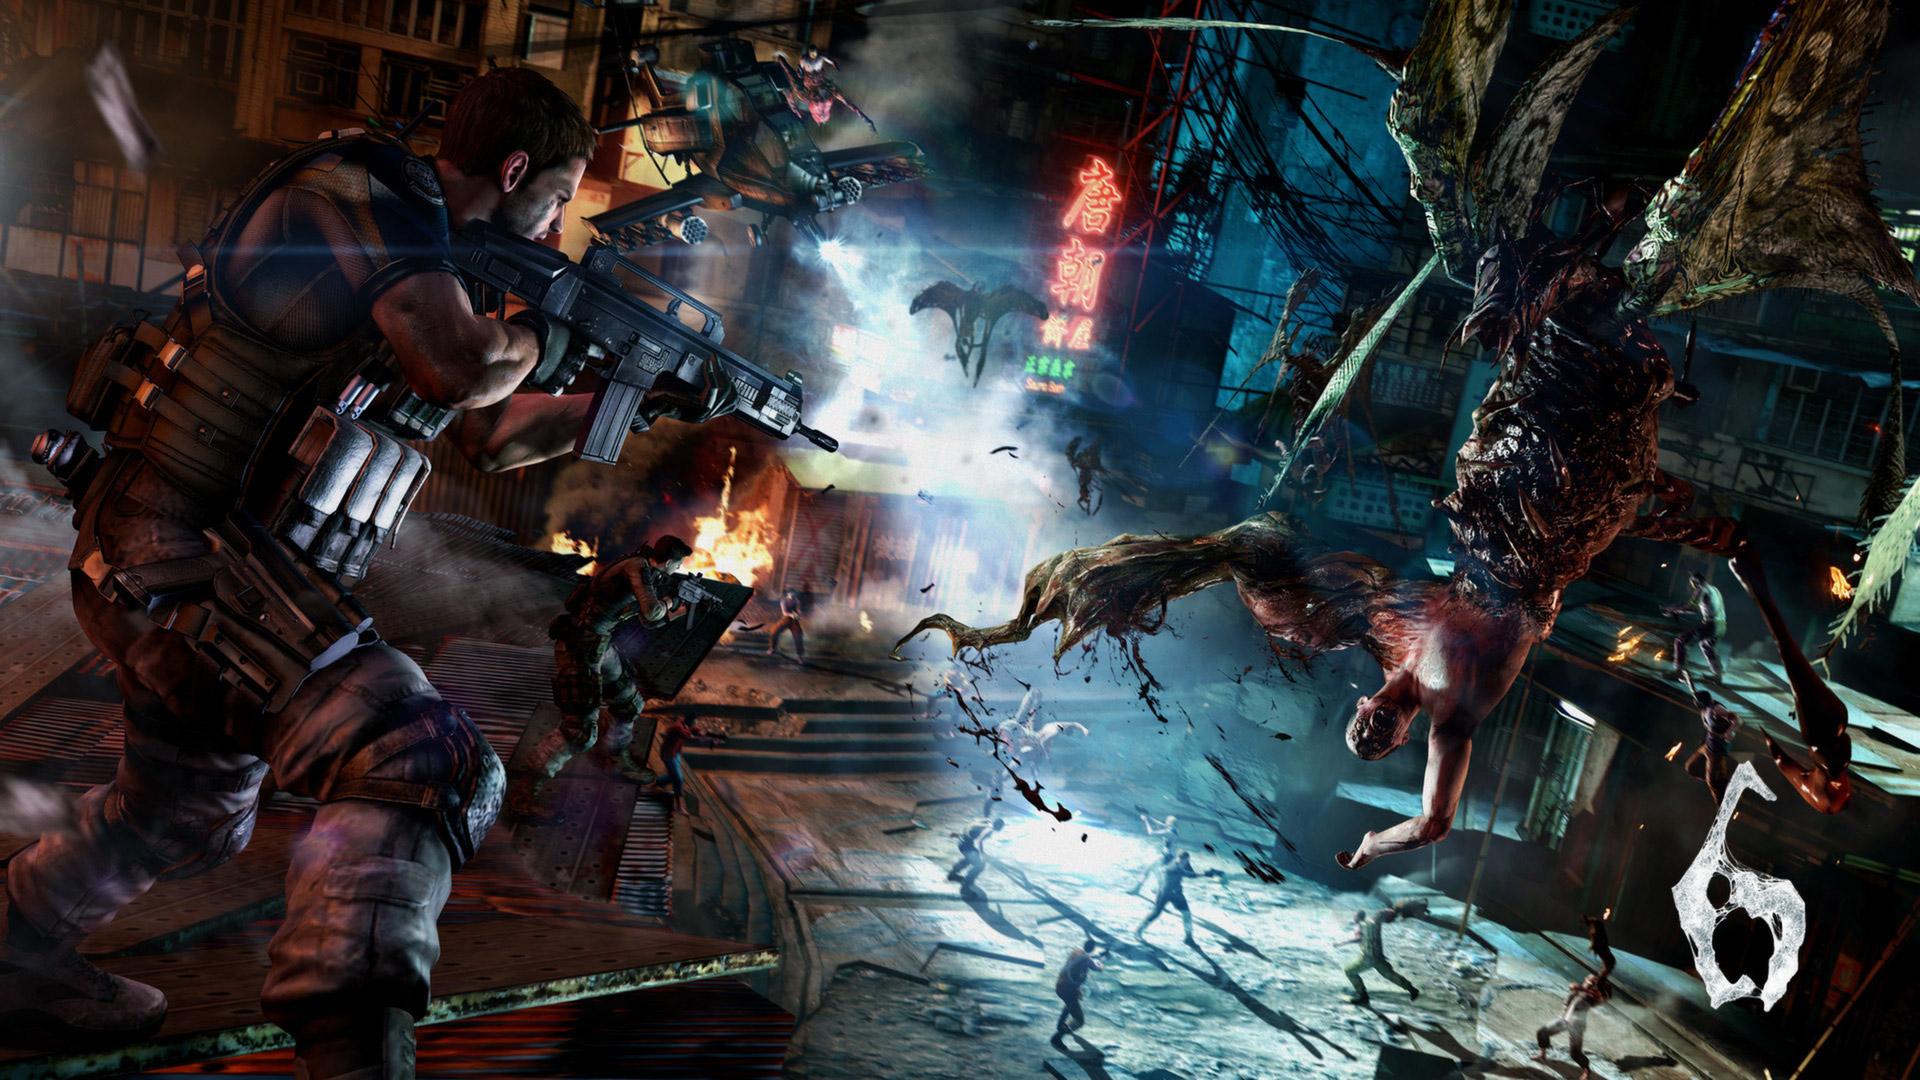 Resident Evil 6 Wallpaper in 1920x1080